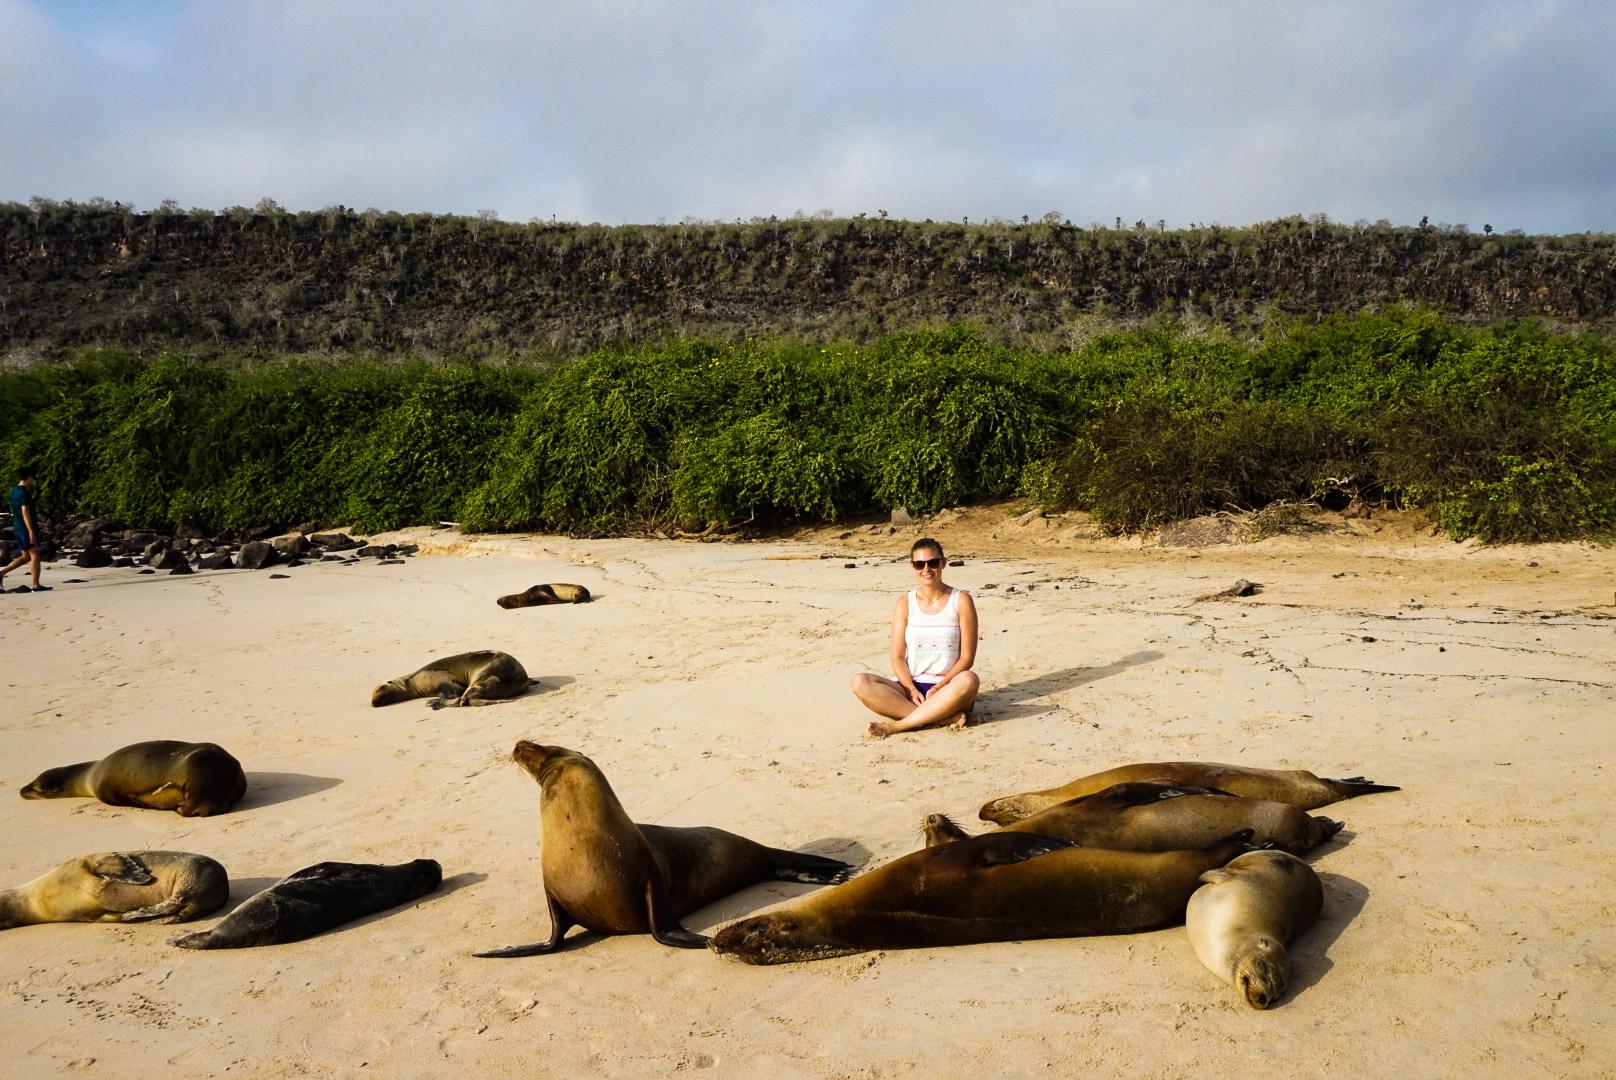 Ecuador_Galapagos_Sealion, olotravel, sharethelove, traveling alone, female travel